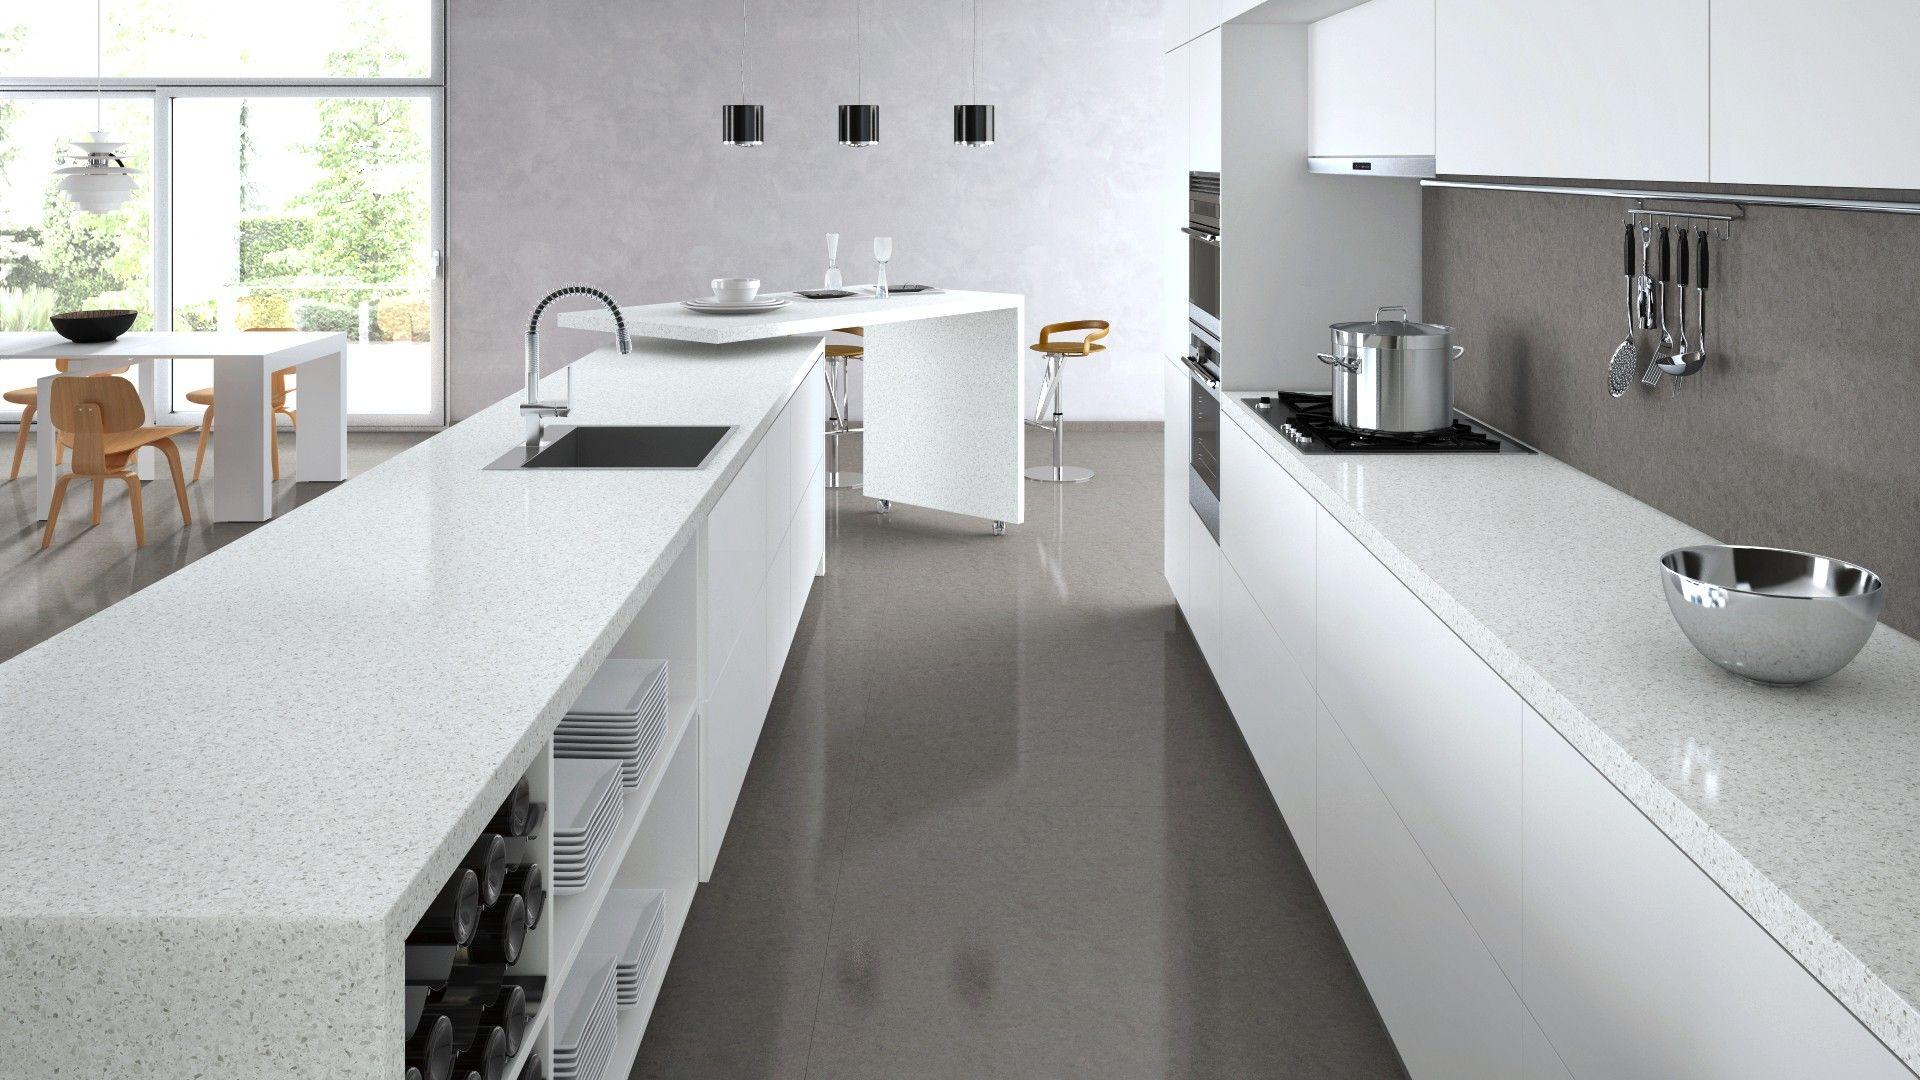 Tolle Küchenschublade Griffe Brisbane Galerie - Ideen Für Die Küche ...